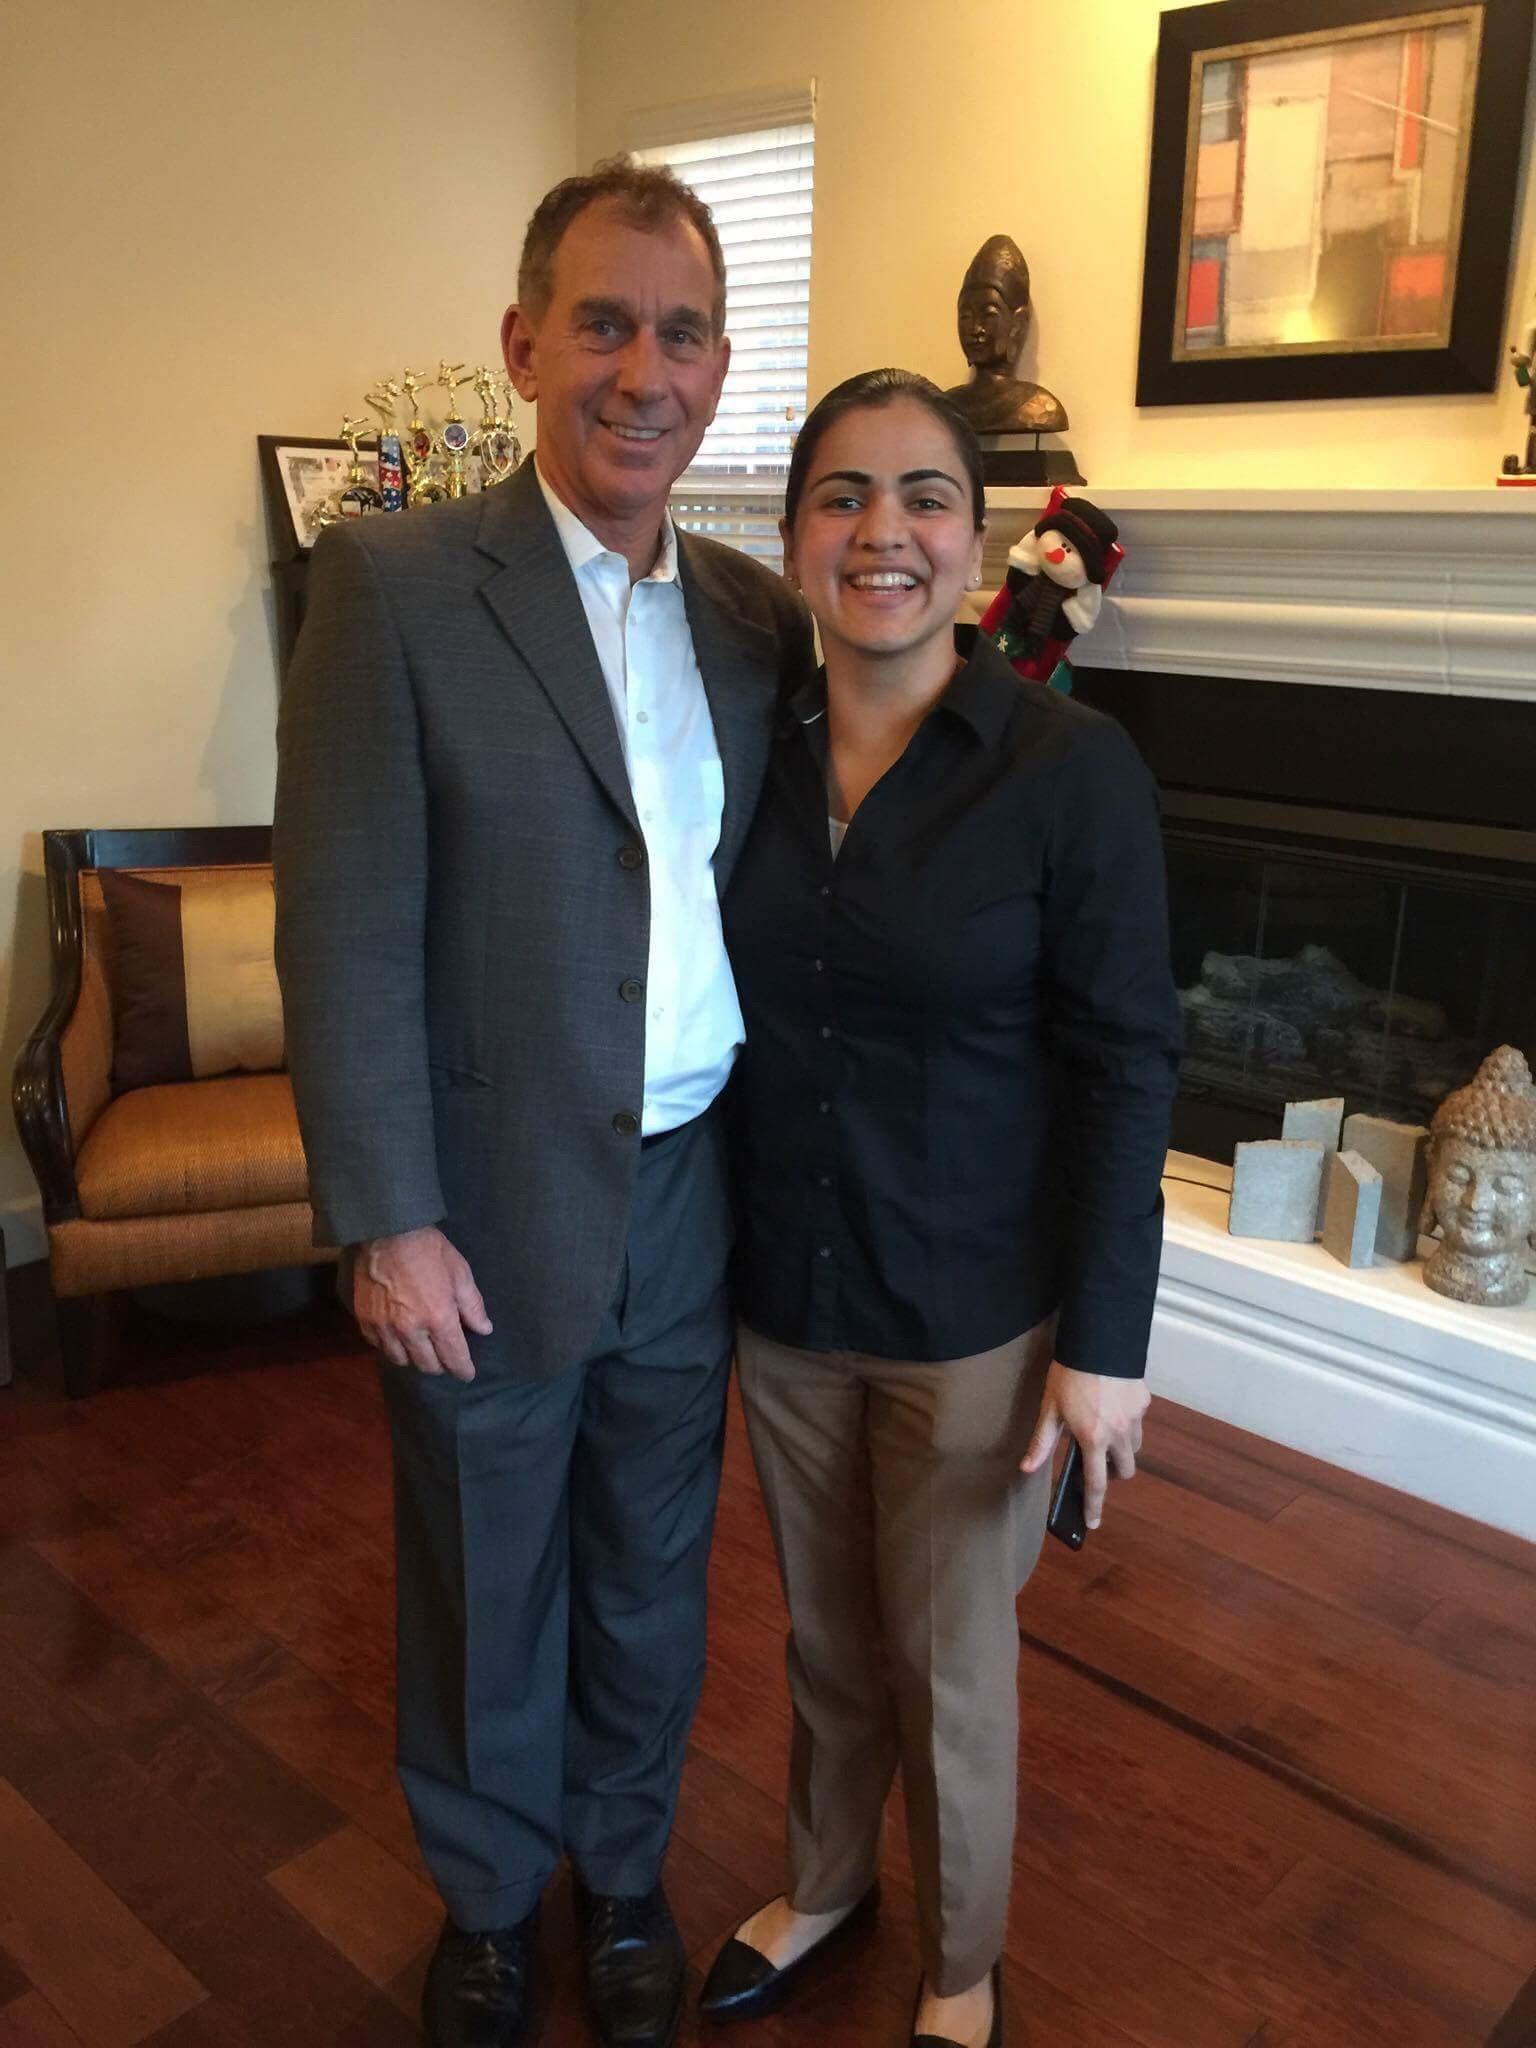 Senator Weickowski and Aisha